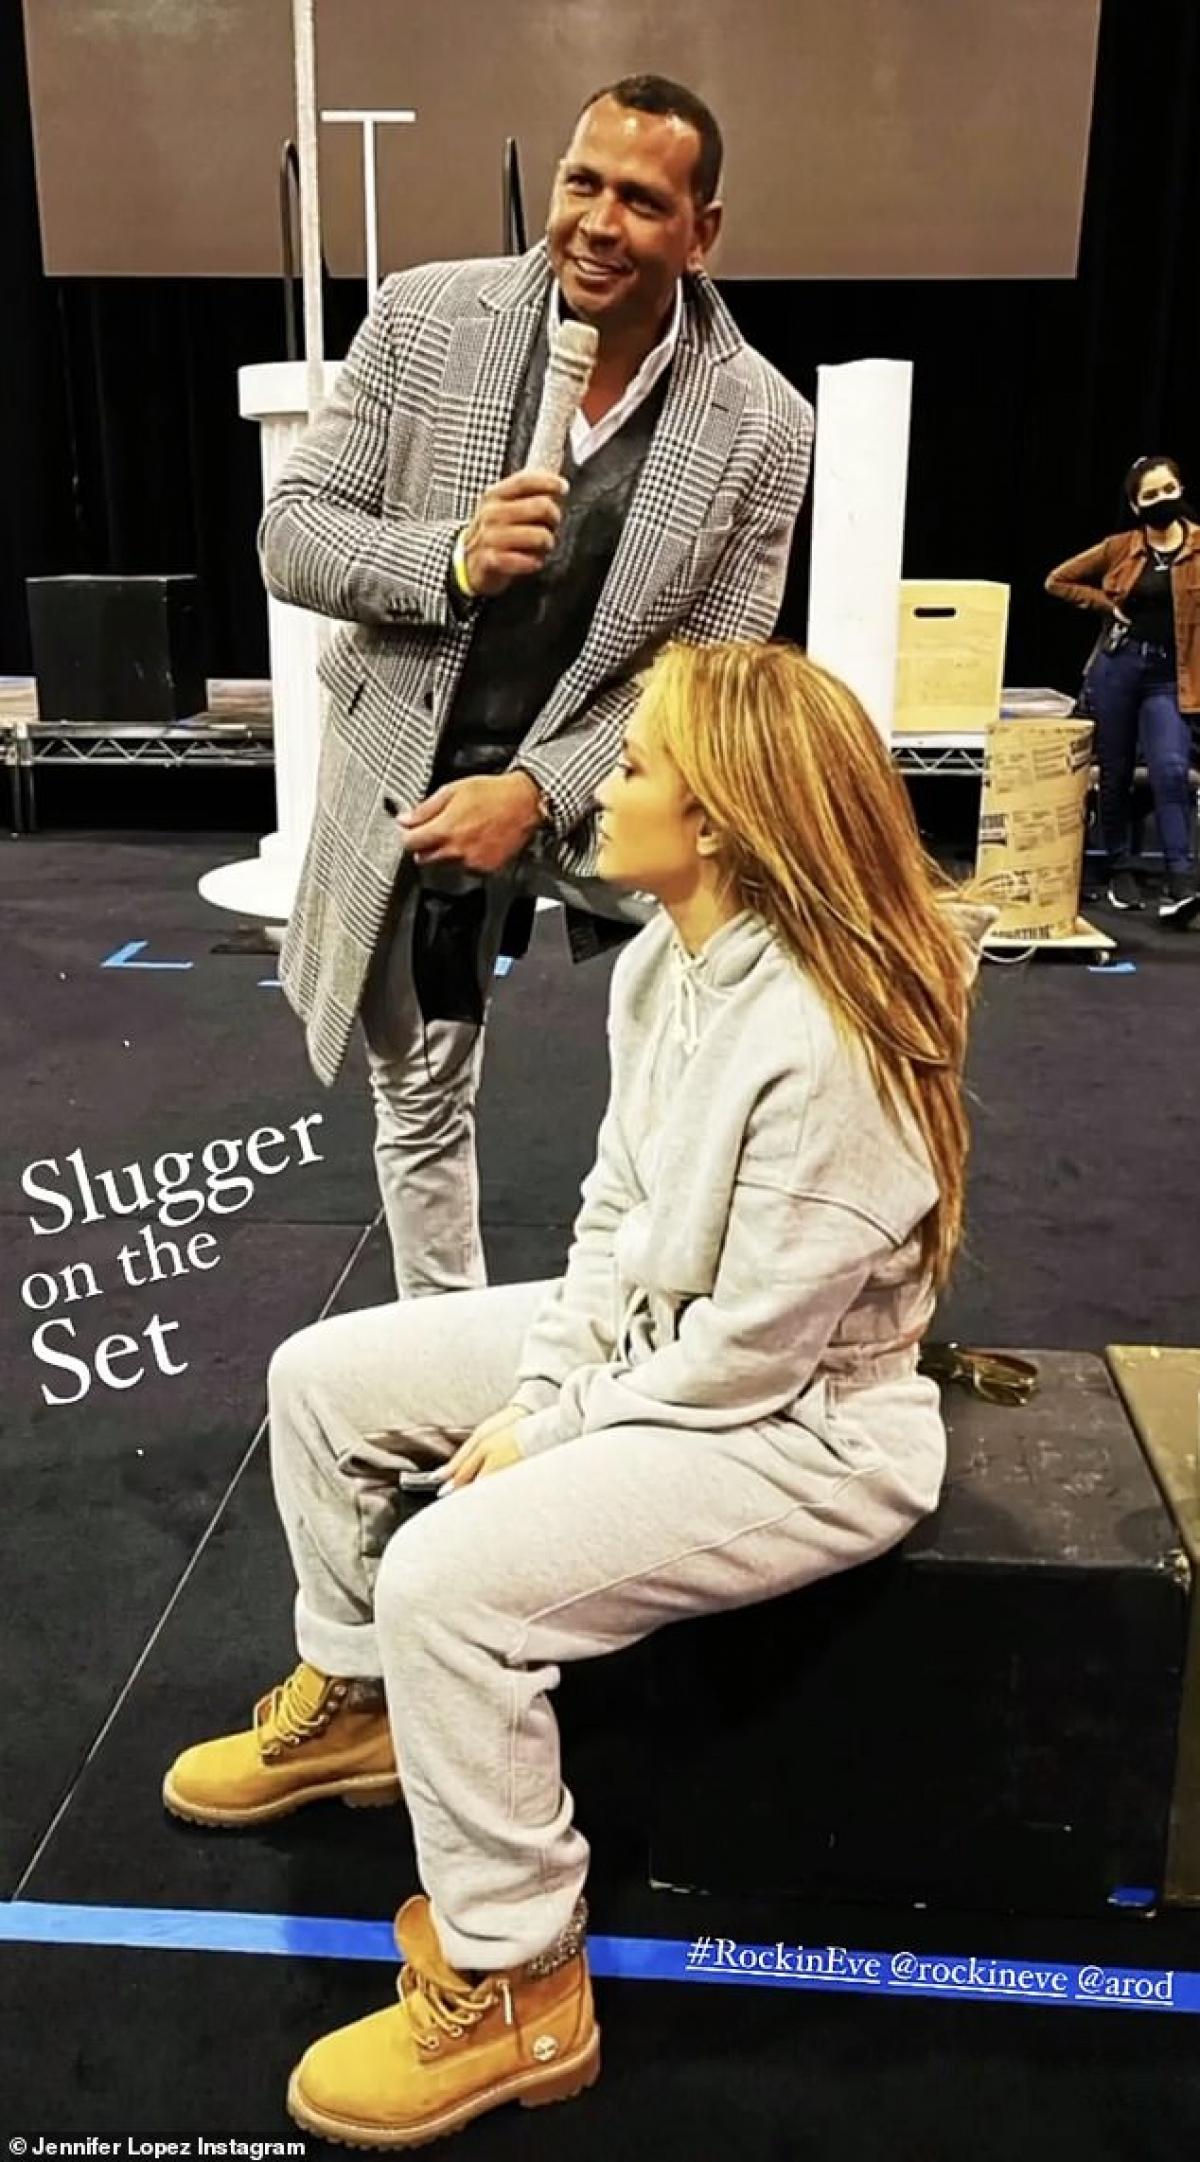 Thời gian qua, Jennifer Lopez tích cực tập luyện để chuẩn bị cho buổi biểu diễn của mình trong đêm Giao thừa.